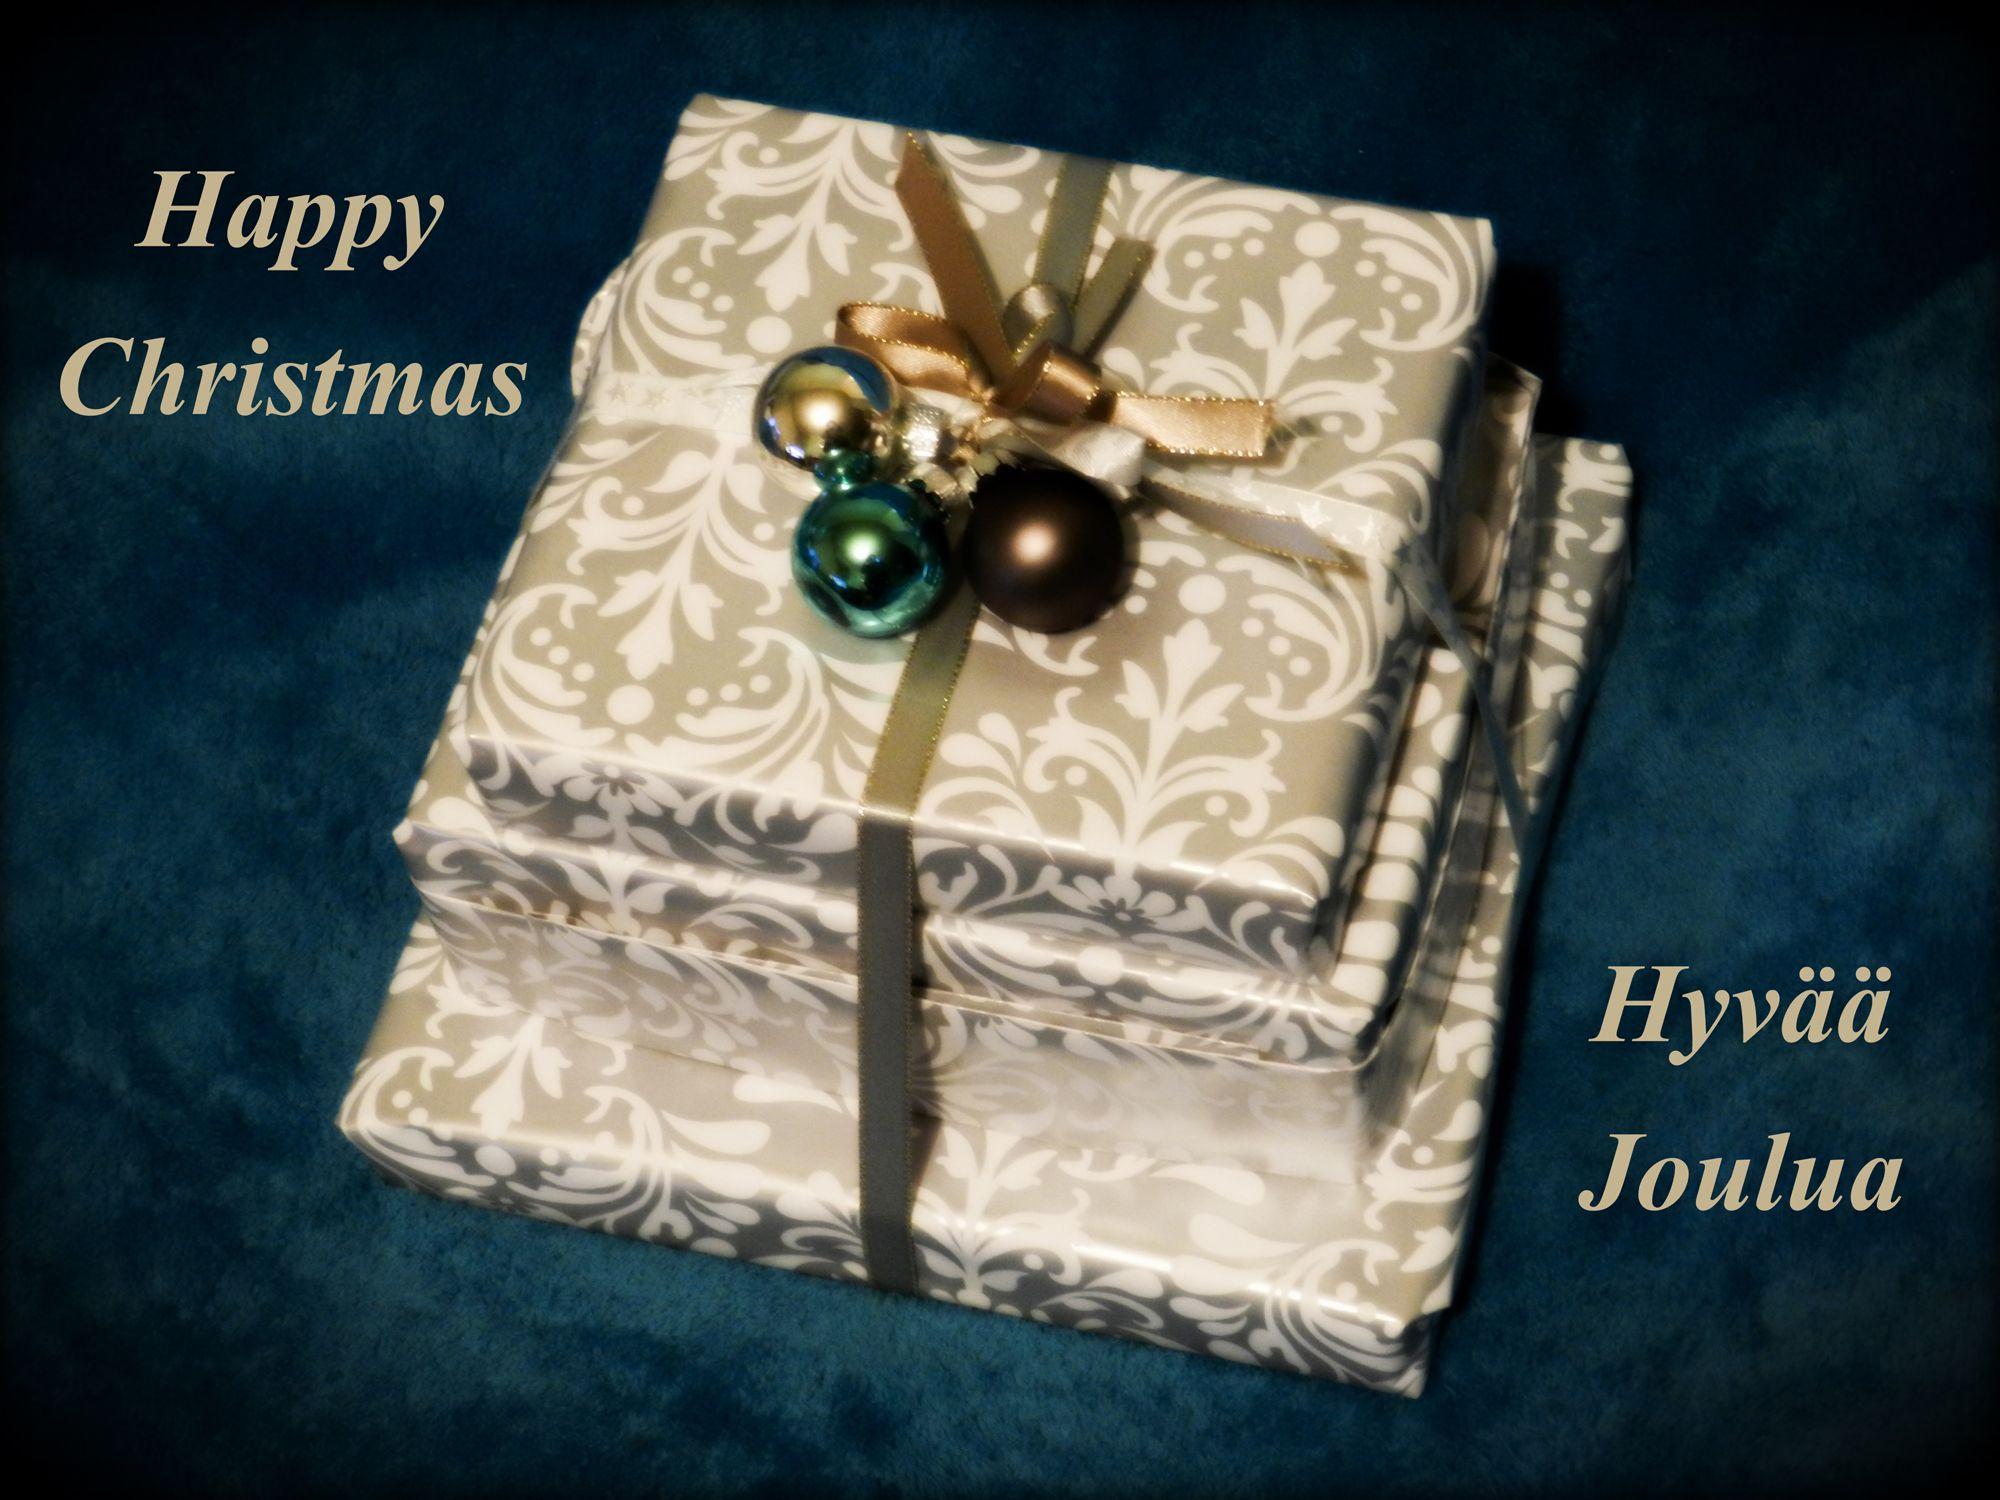 * * * Happy Christmas * * * Hyvää Joulua * * *